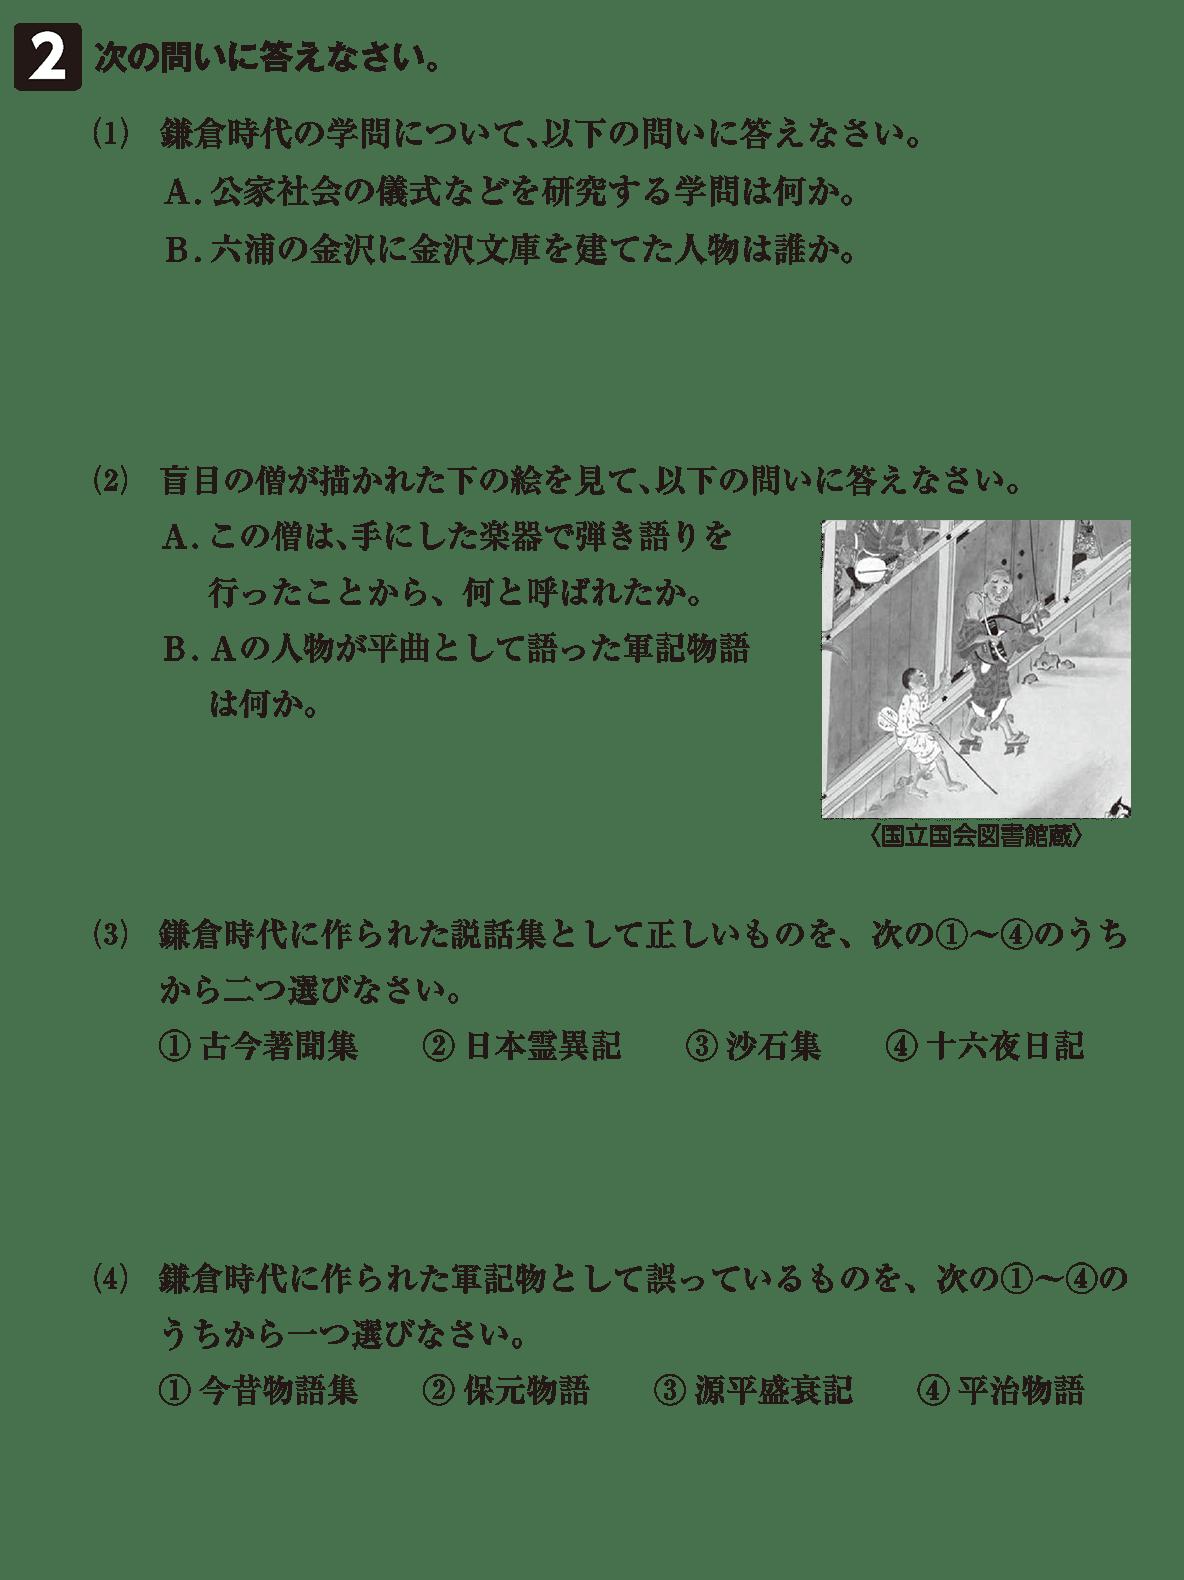 中世の文化12 問題2 問題